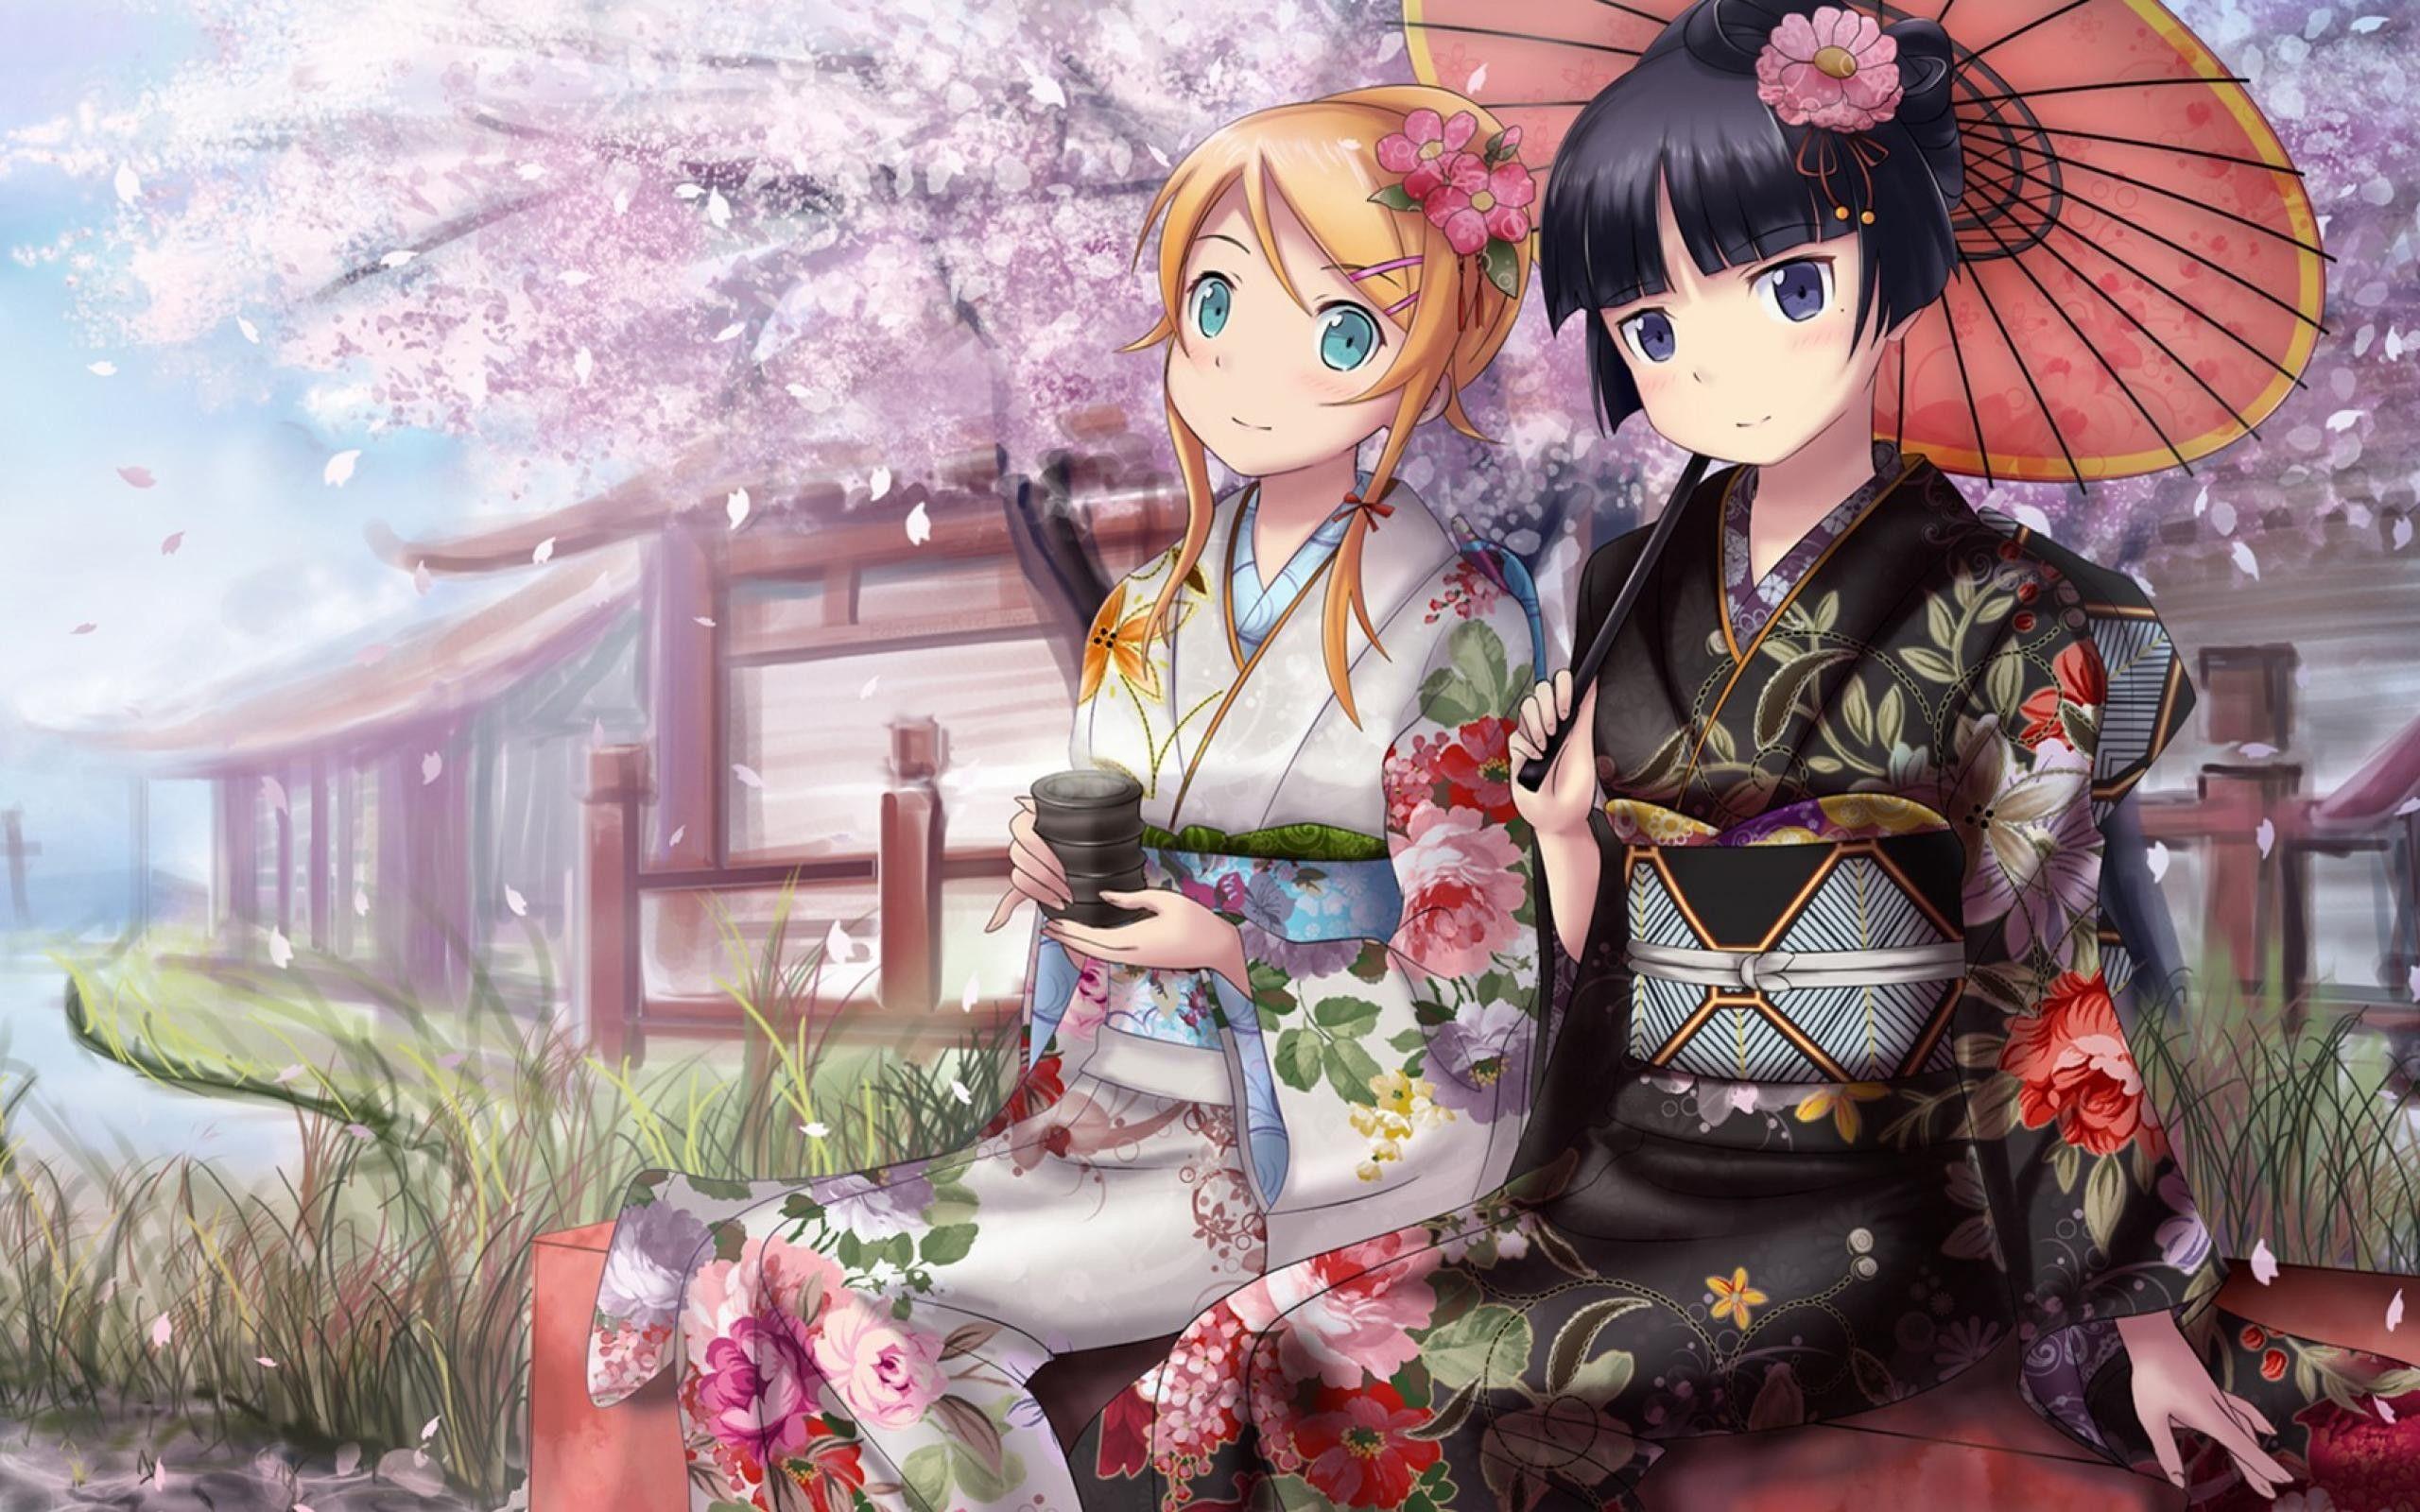 Image associée Anime, Anime kimono, Anime wallpaper